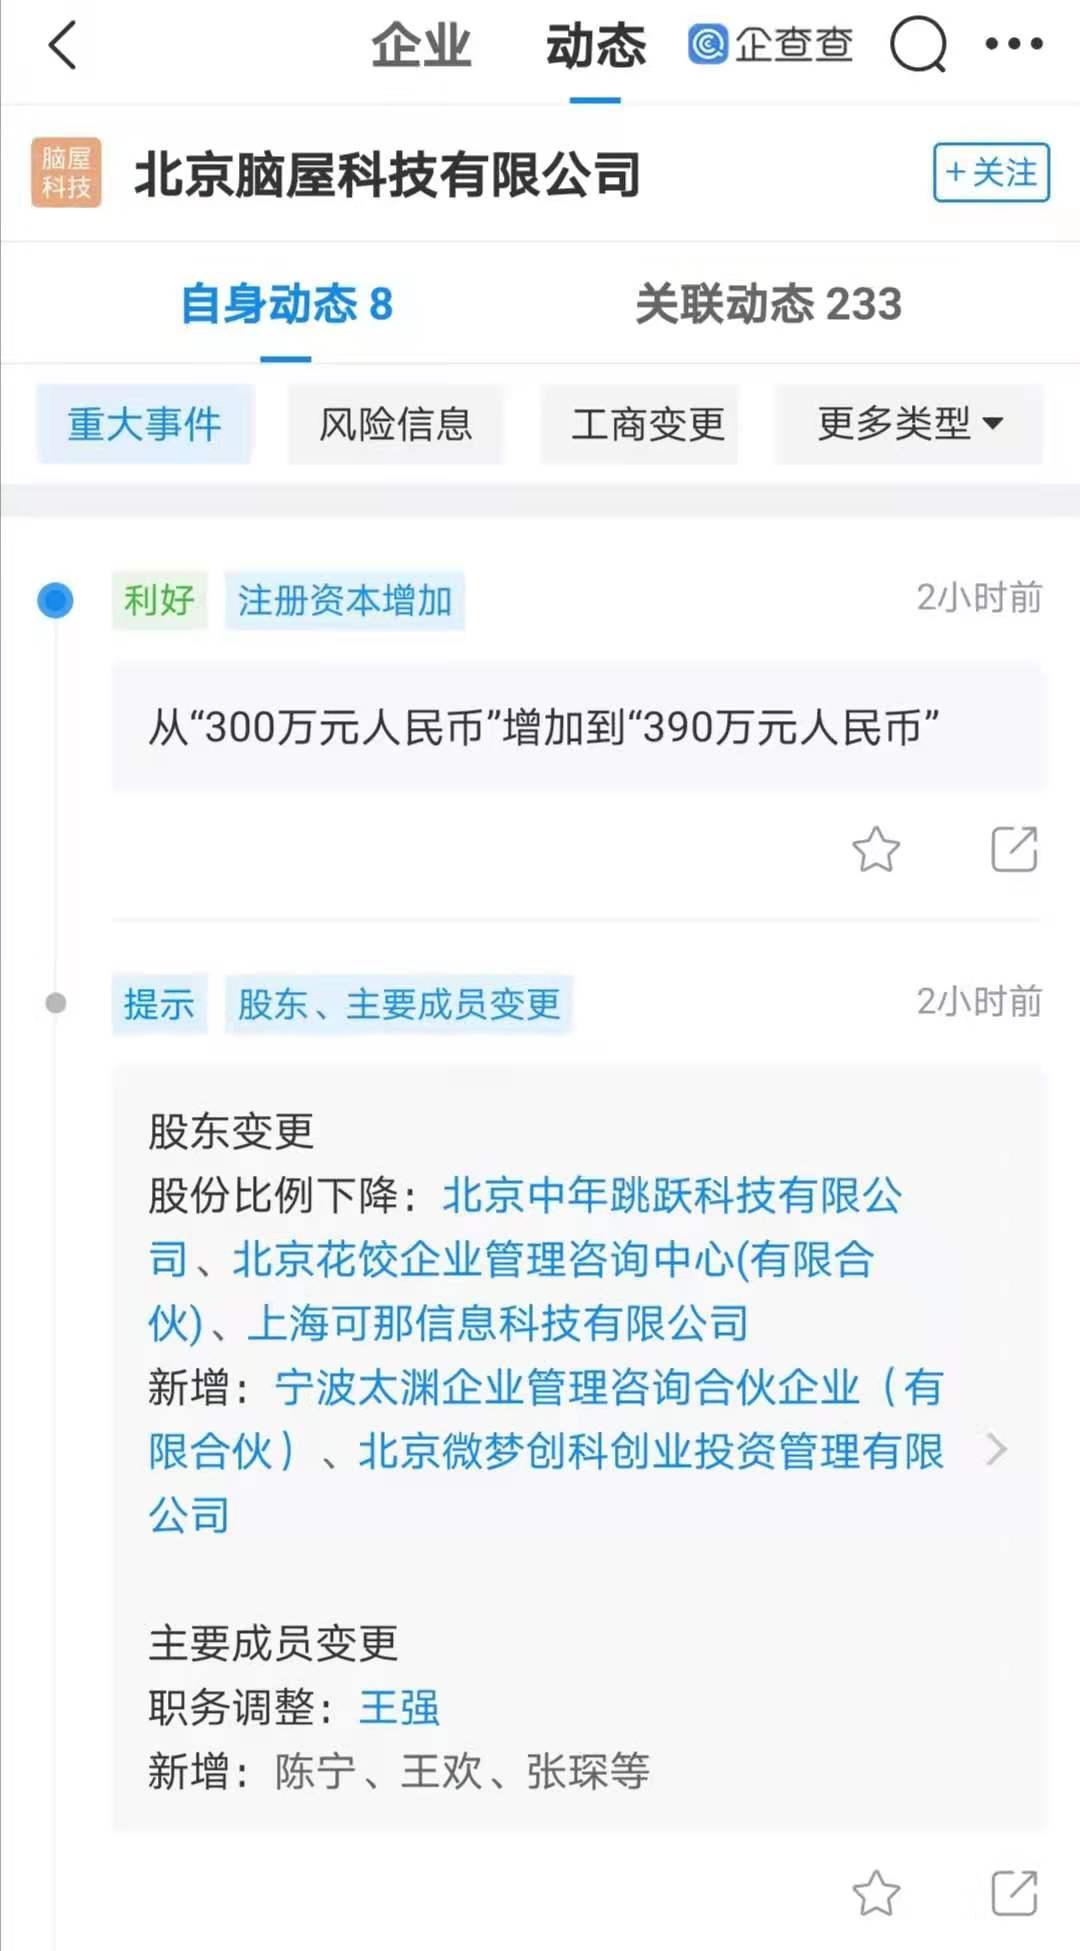 新浪、欢聚时代关联企业投资北京脑屋科技公司,后者业务含演出经纪